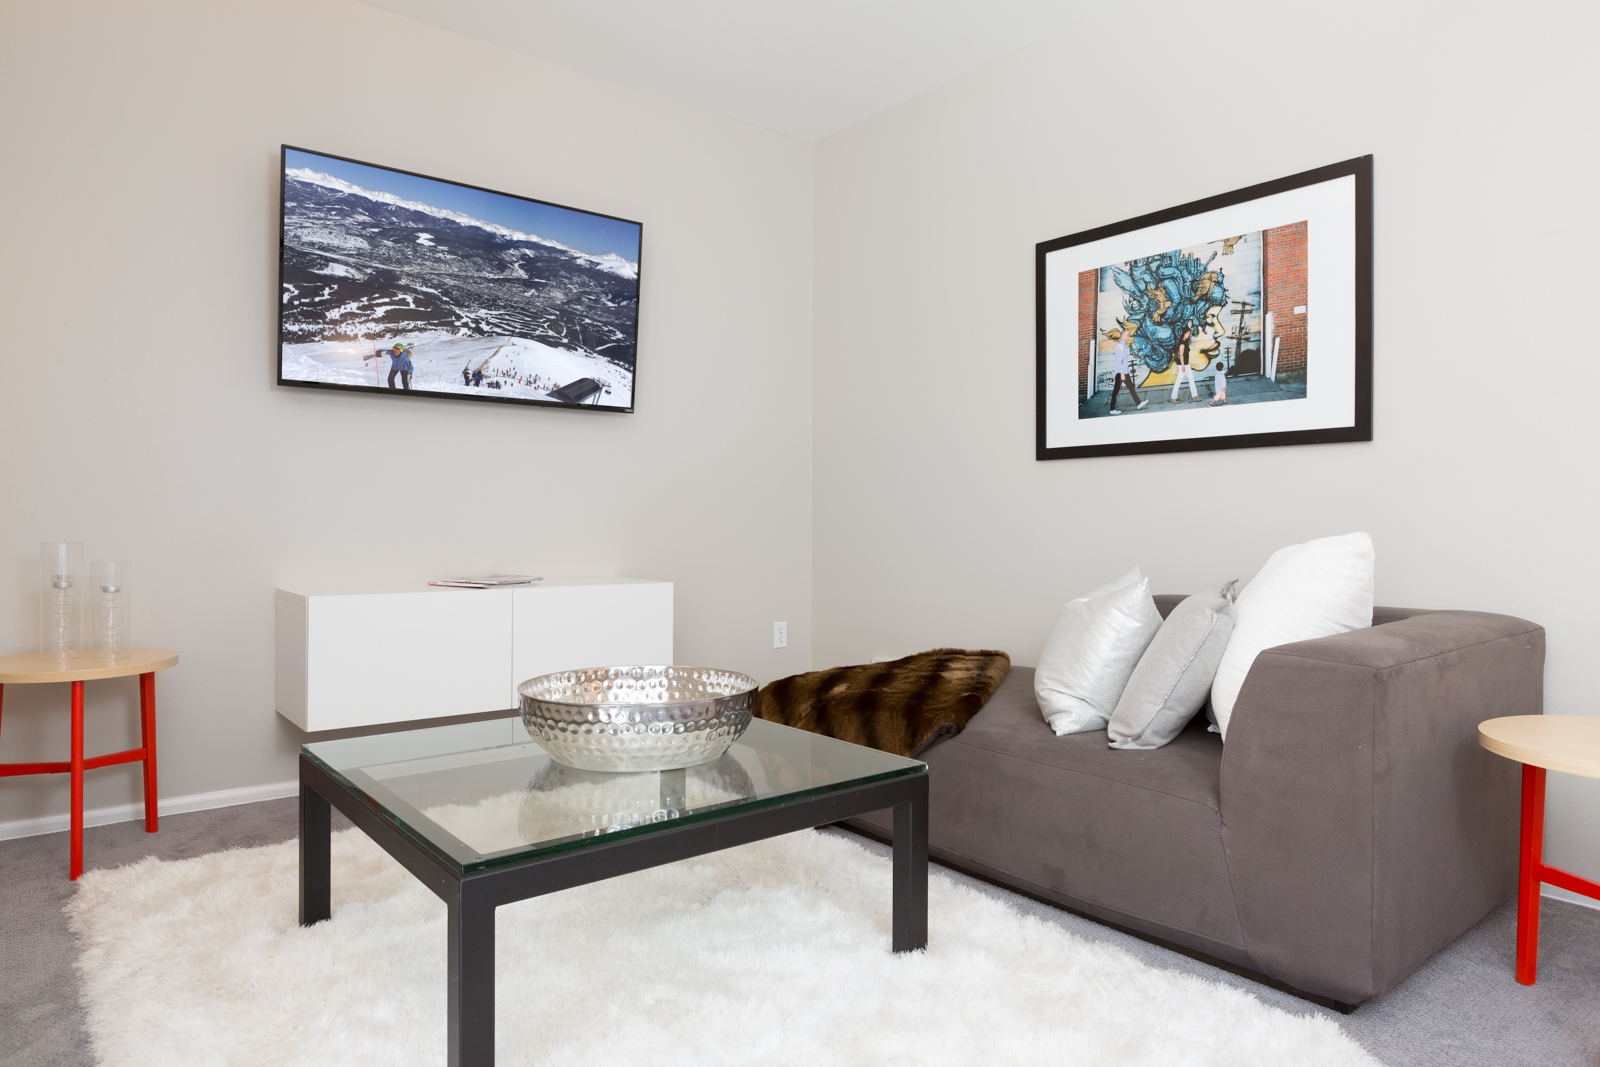 Master_bedroom-3TV-3128704508-O.jpg